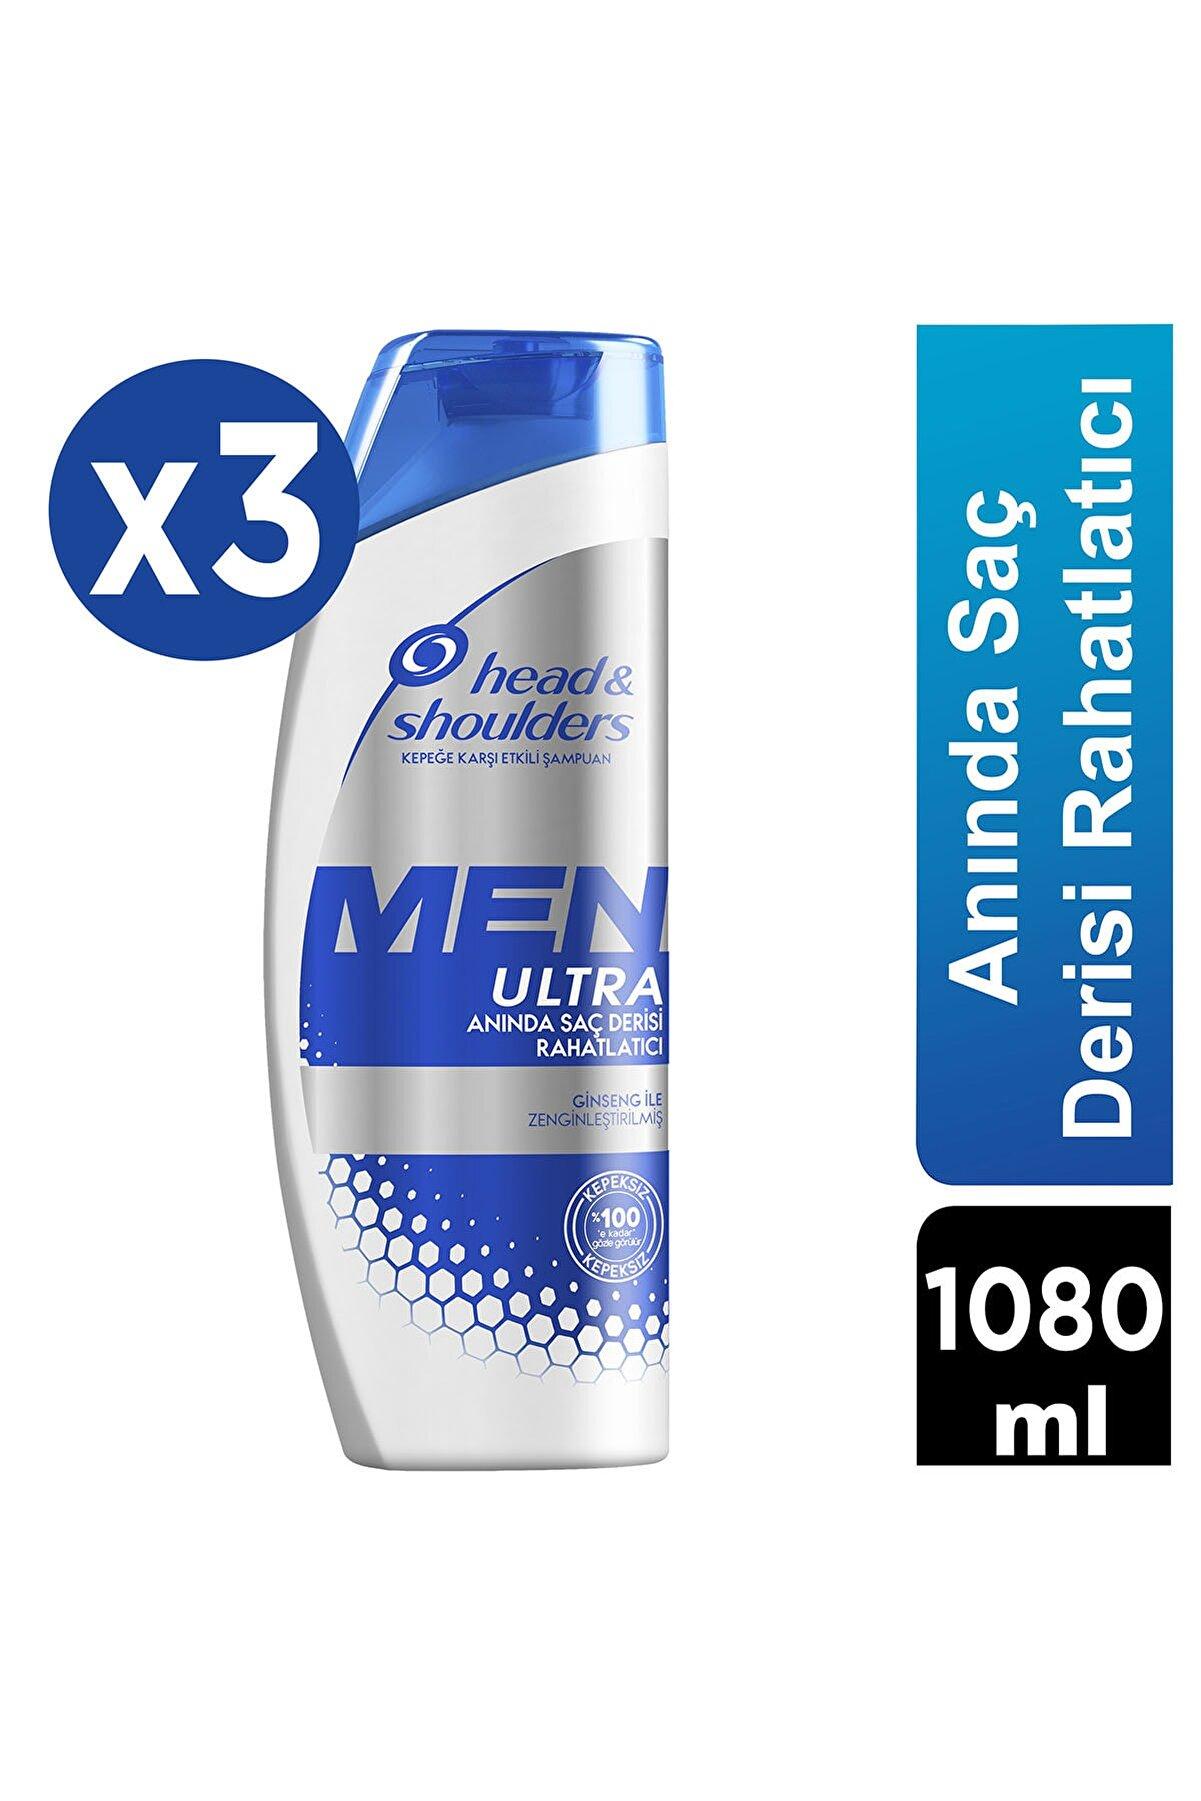 Head And Shoulders Men Ultra Erkeklere Özel Kepek Karşıtı Şampuan Anında Saç Derisi Rahatlatıcı 360 ml X 3